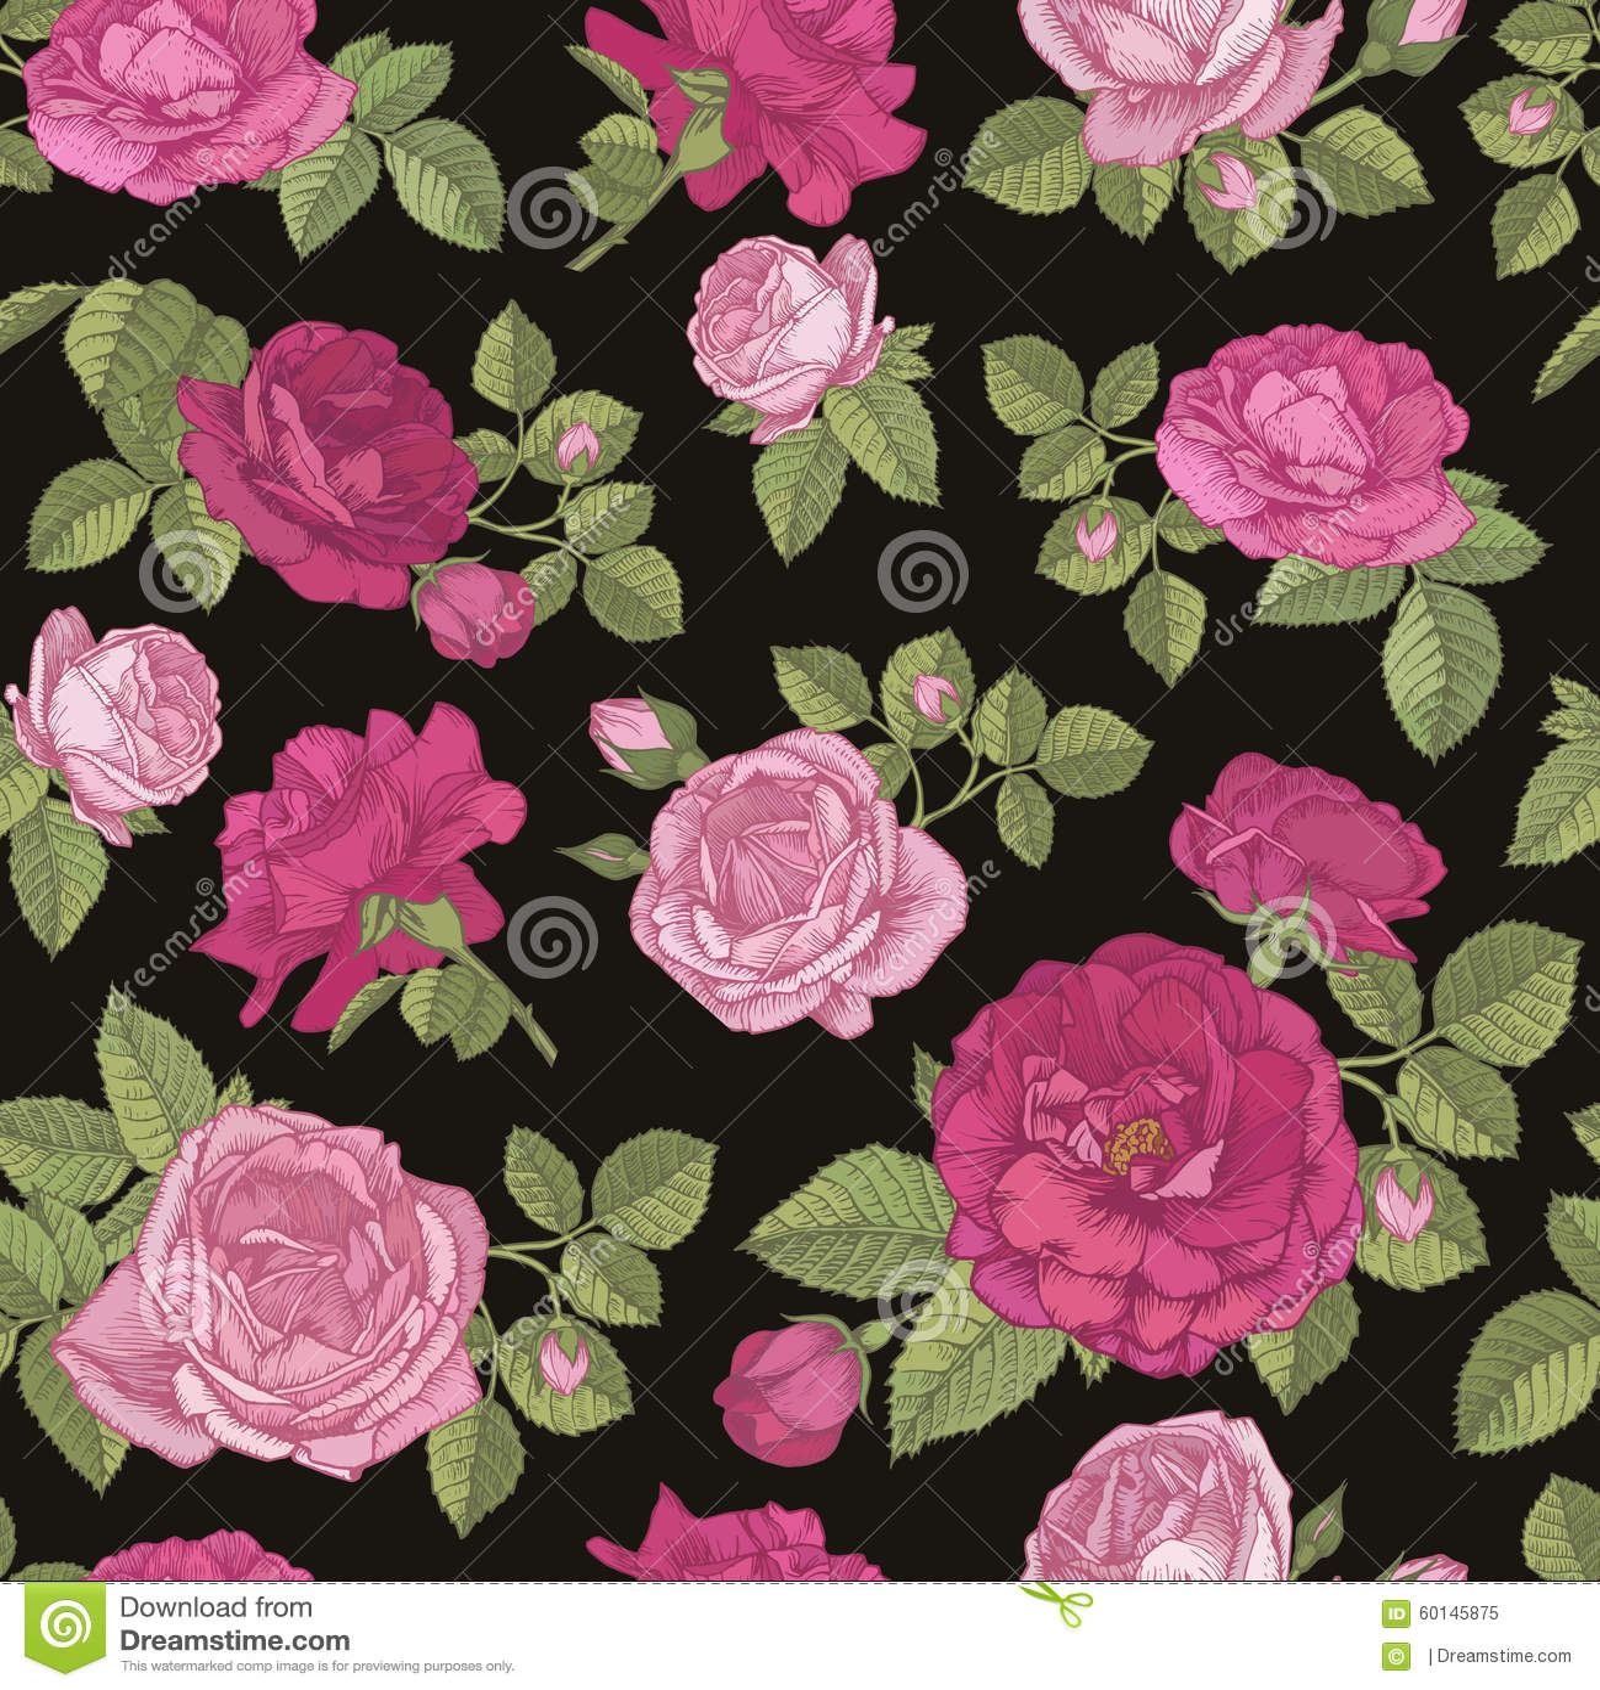 Red rose pattern wallpaper